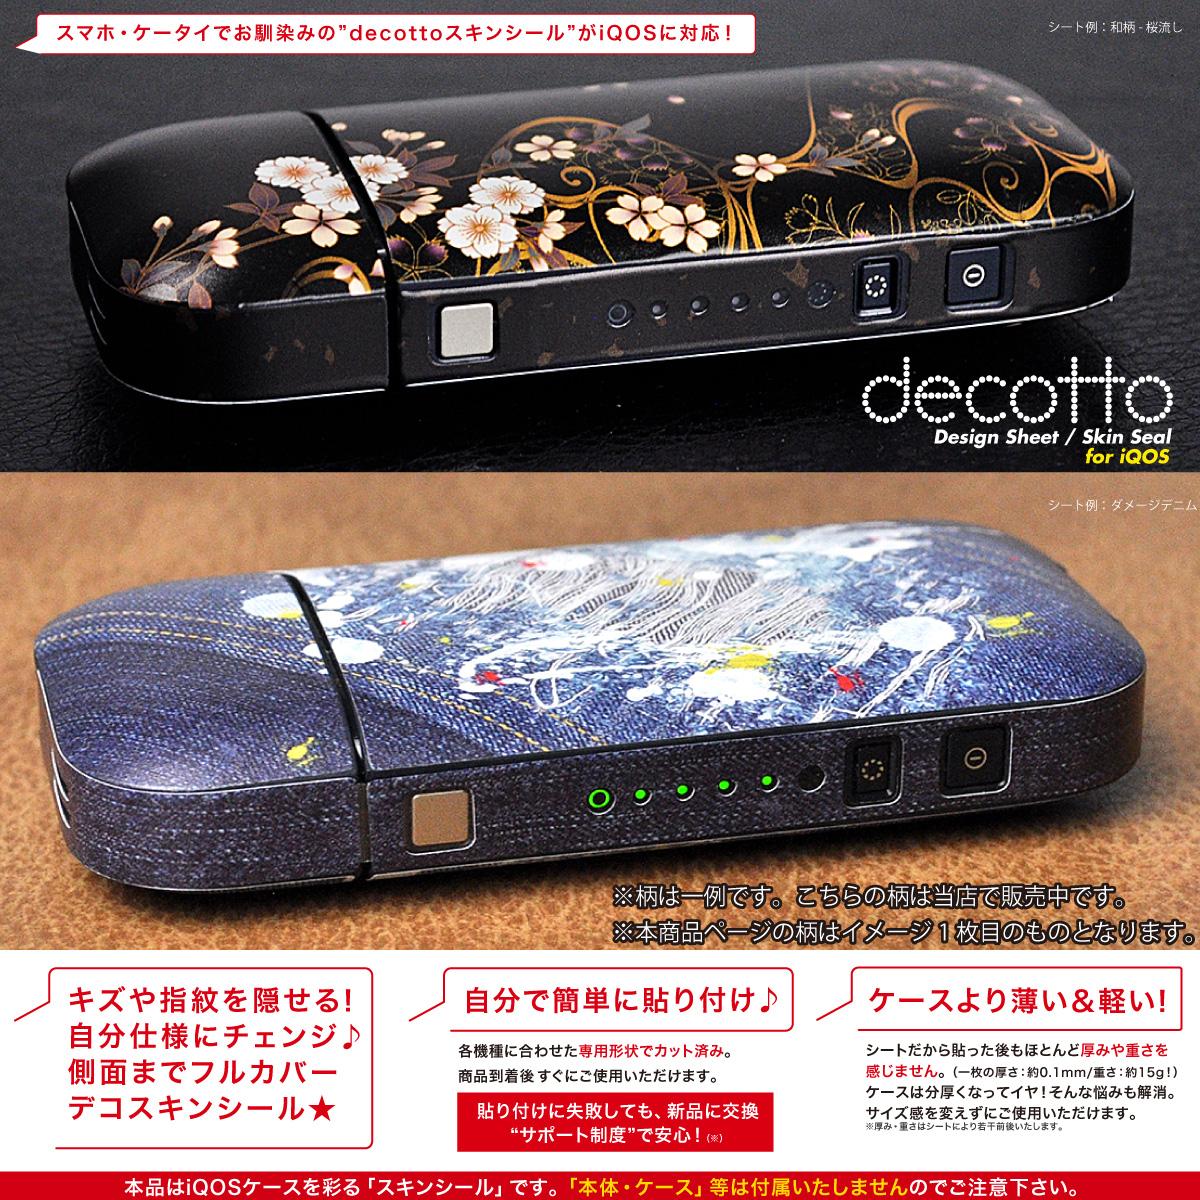 iQOS(アイコス) 専用 デコレーション スキンシール 表面・裏面&側面セット 【 グラフィック&レース シリーズ 】